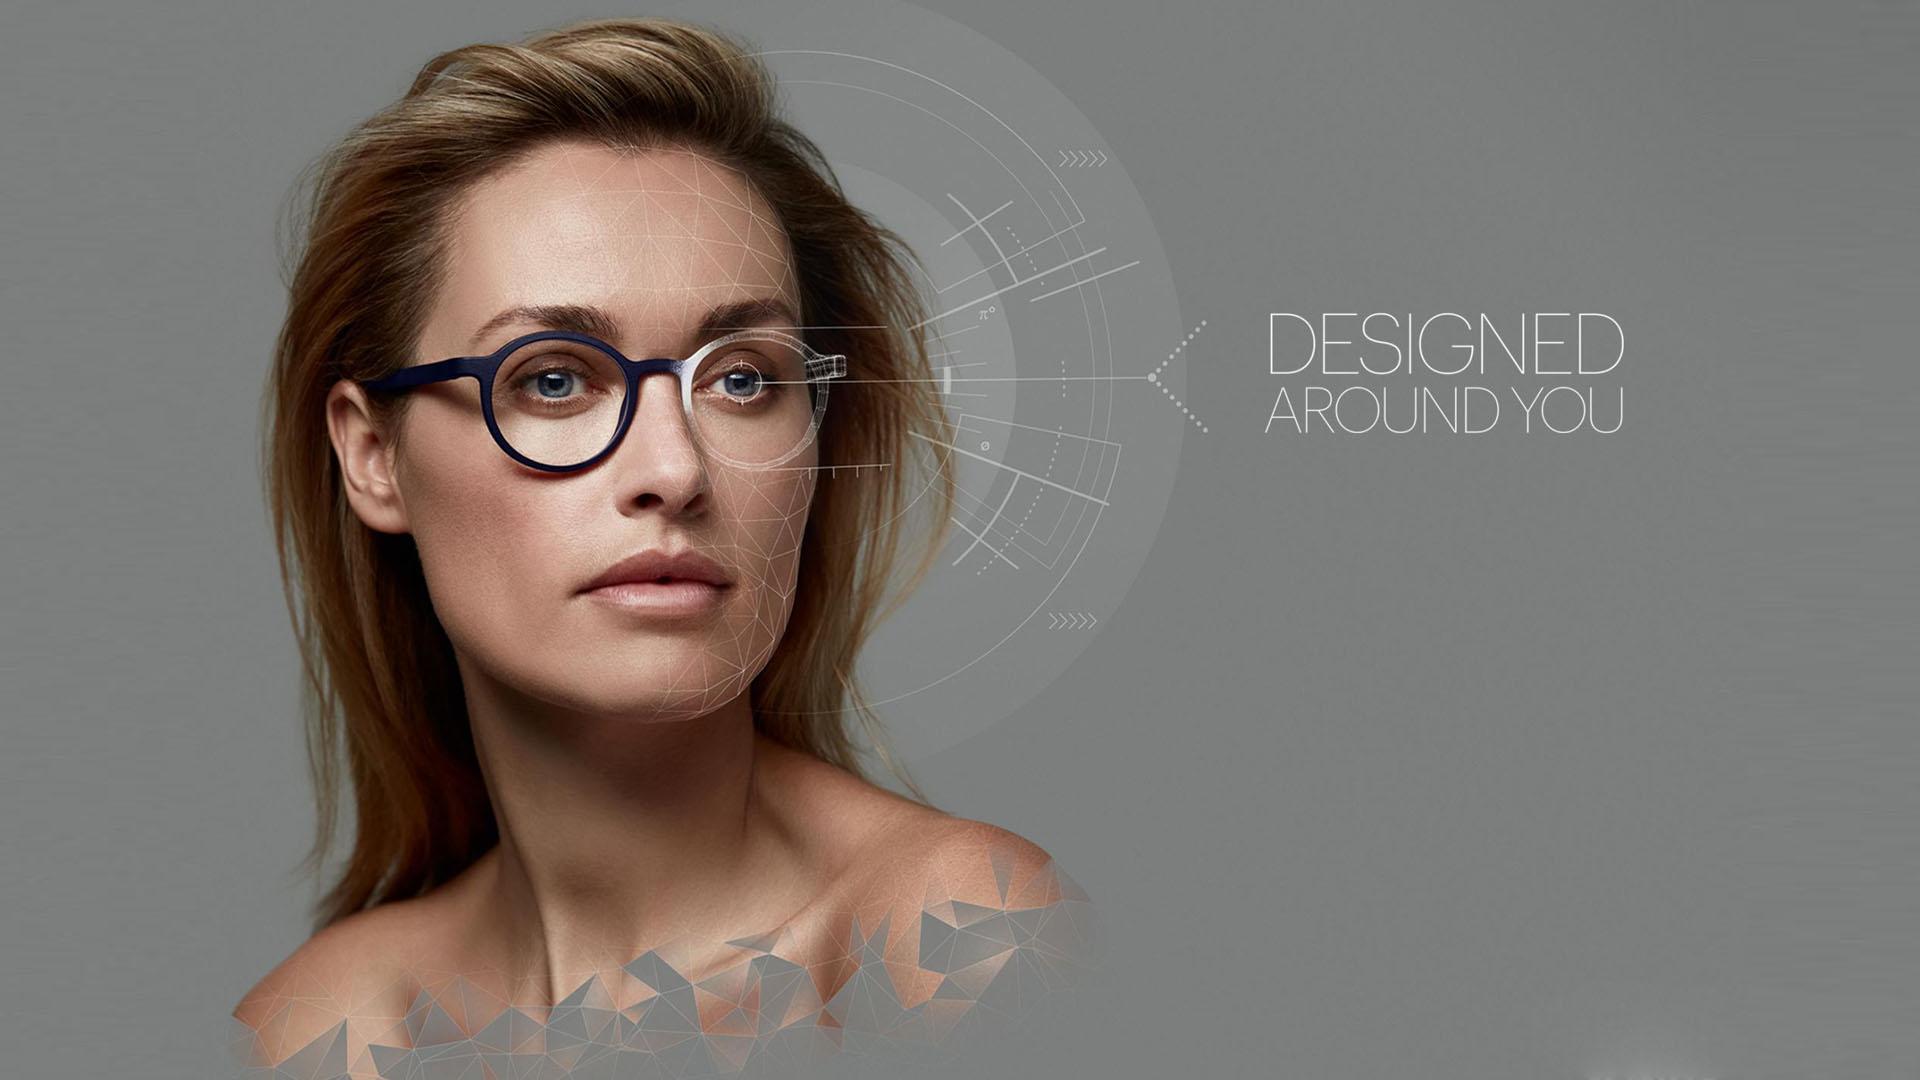 عینک شخصی سازی شده با پرینت 3 بعدی توسط هویا